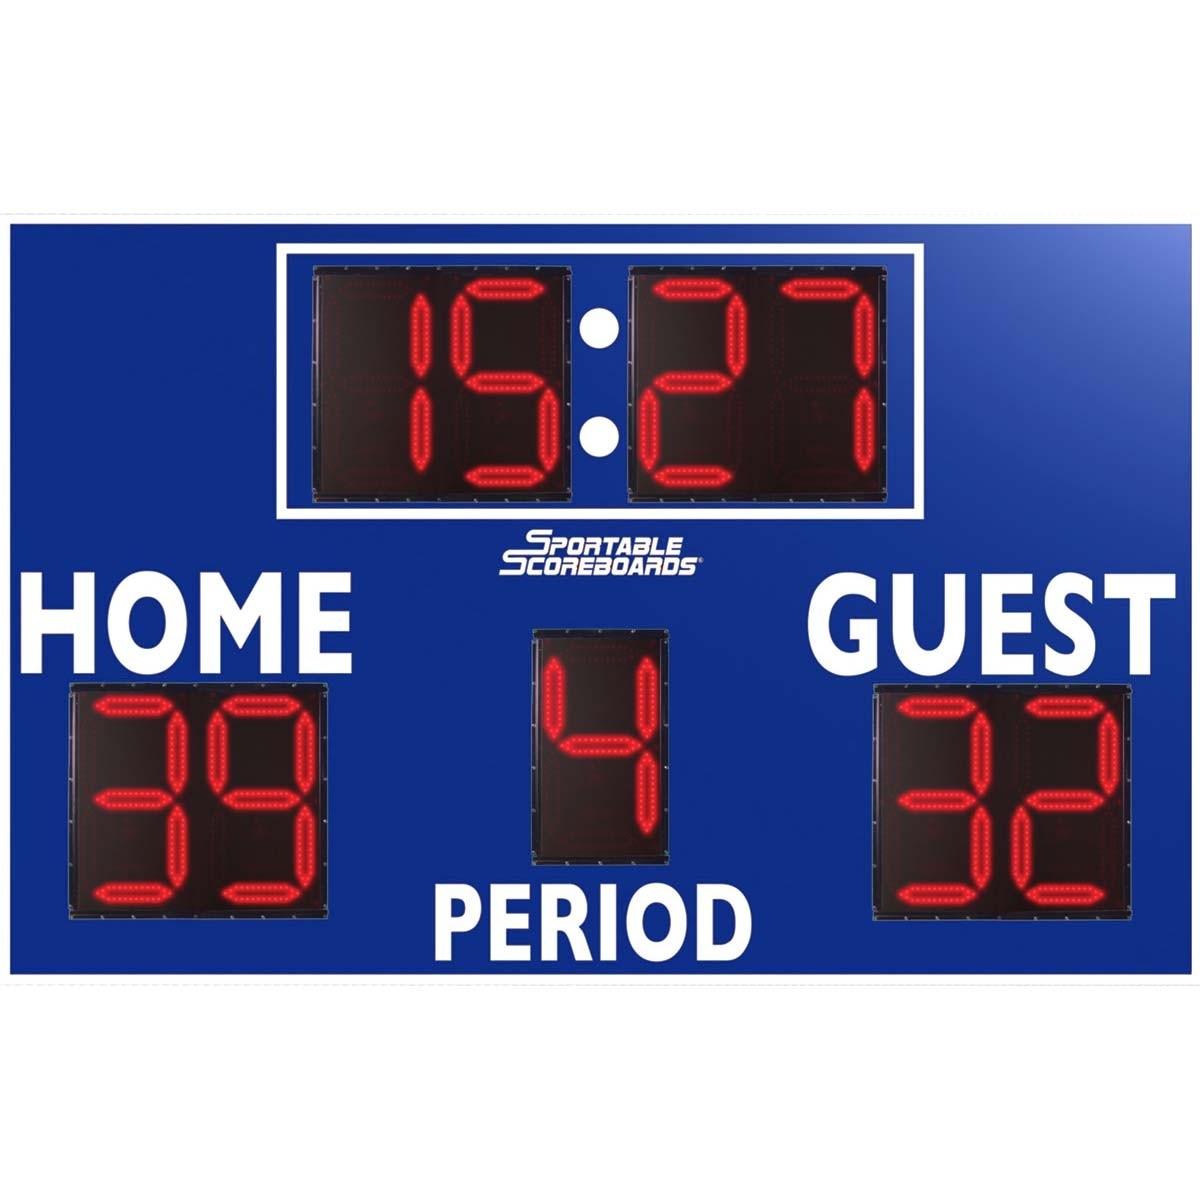 Scoreboard Sports